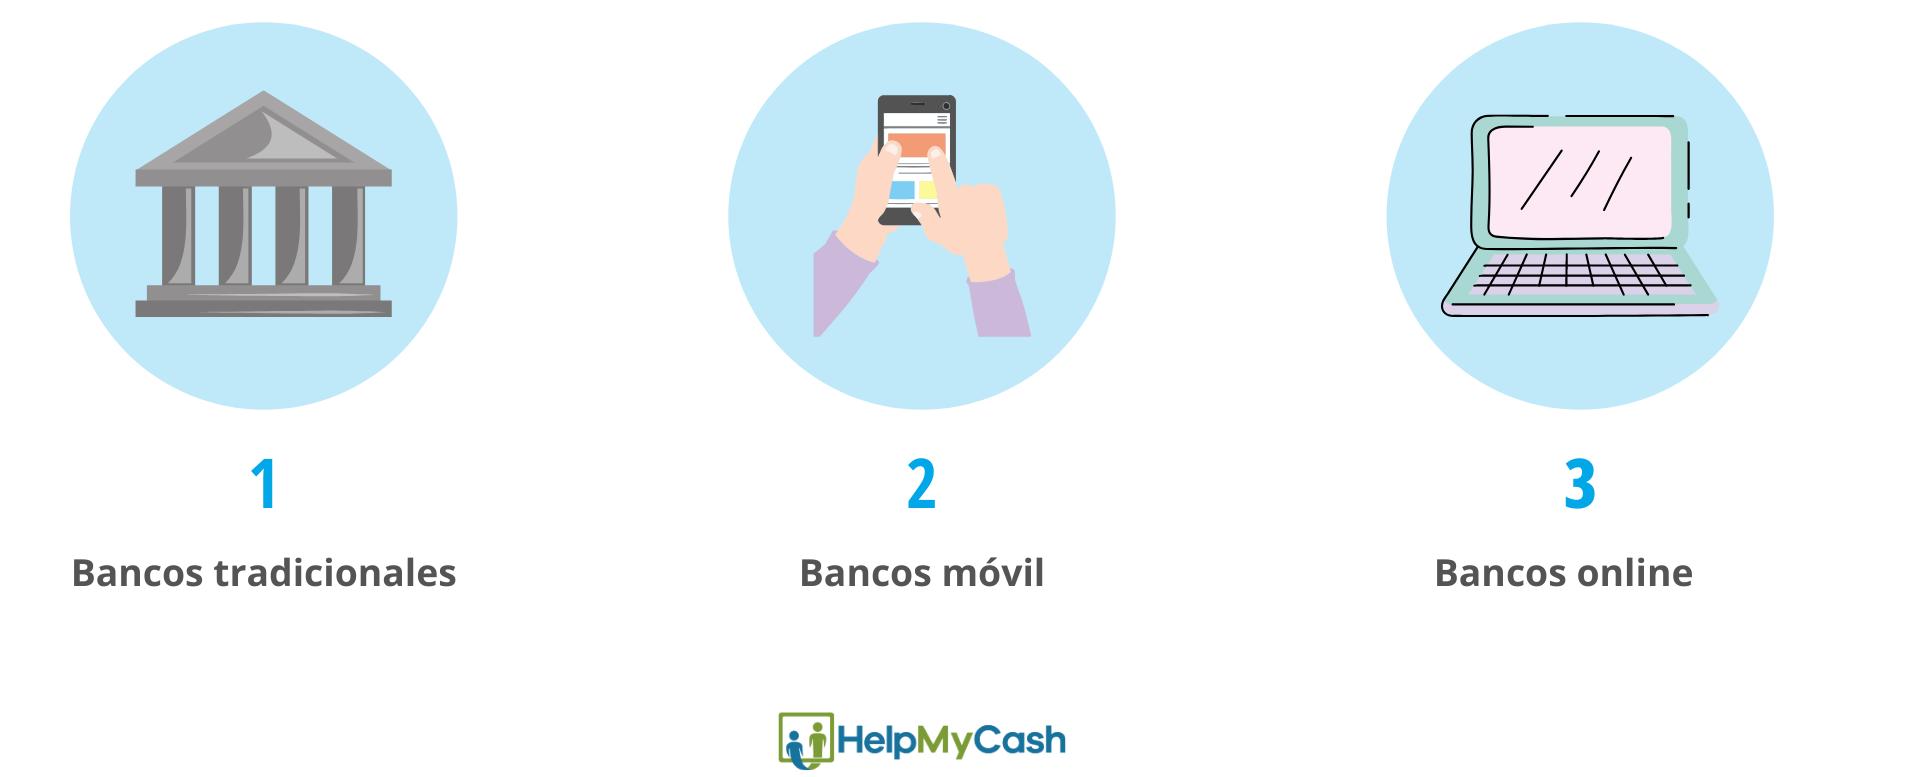 Bancos con cuentas bancarias online: 1- bancos tradicionales. 2- bancos móvil. 3- bancos online.